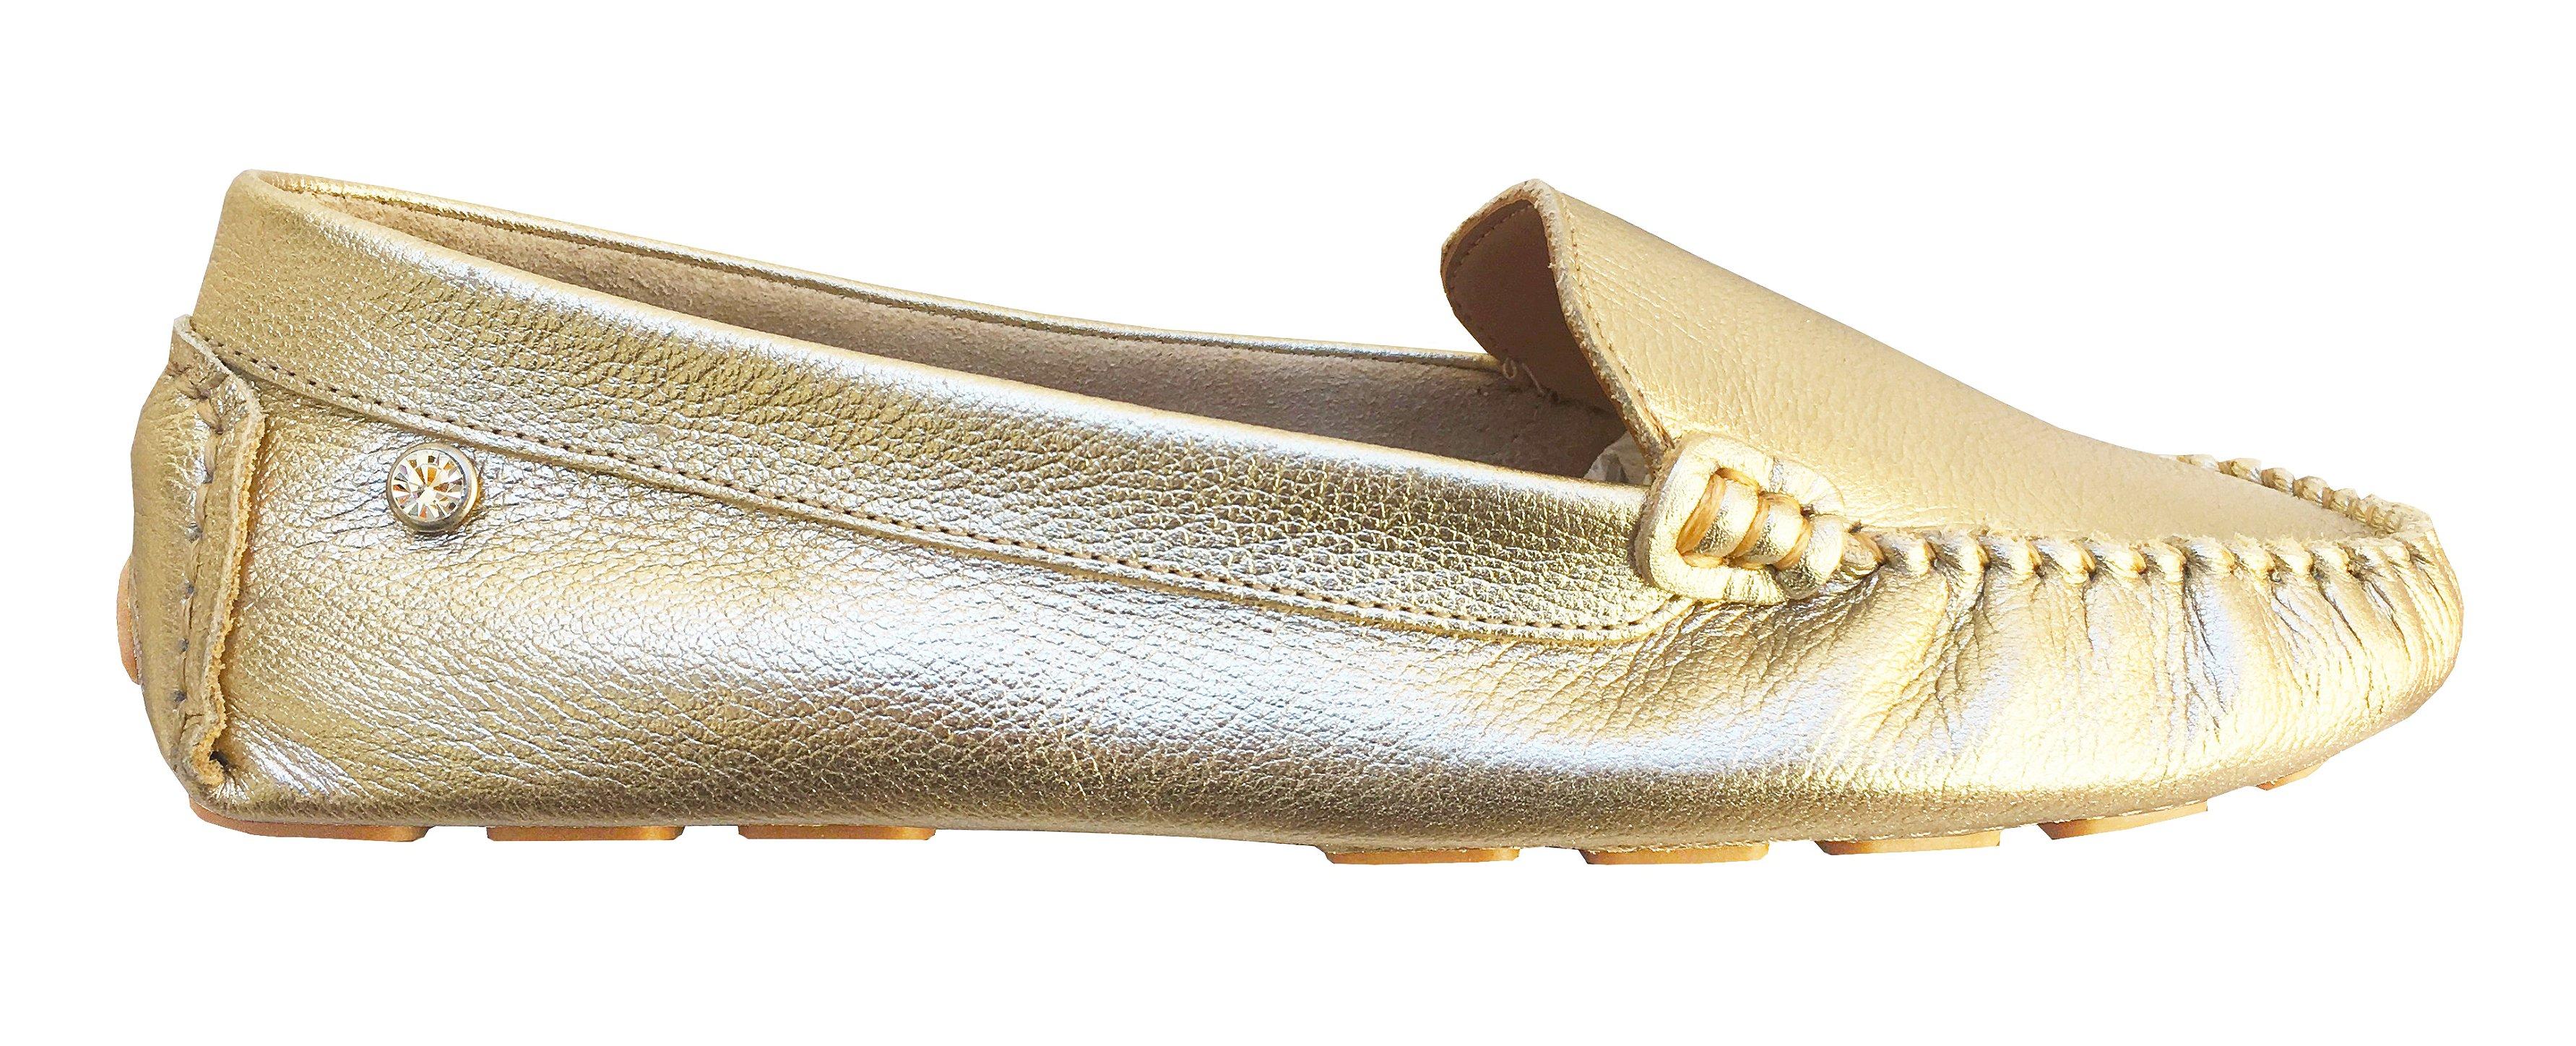 e2bf4cfb9 A Le Bianco se tornou sinônimo de requinte e bom gosto no mundo dos  calçados feminino